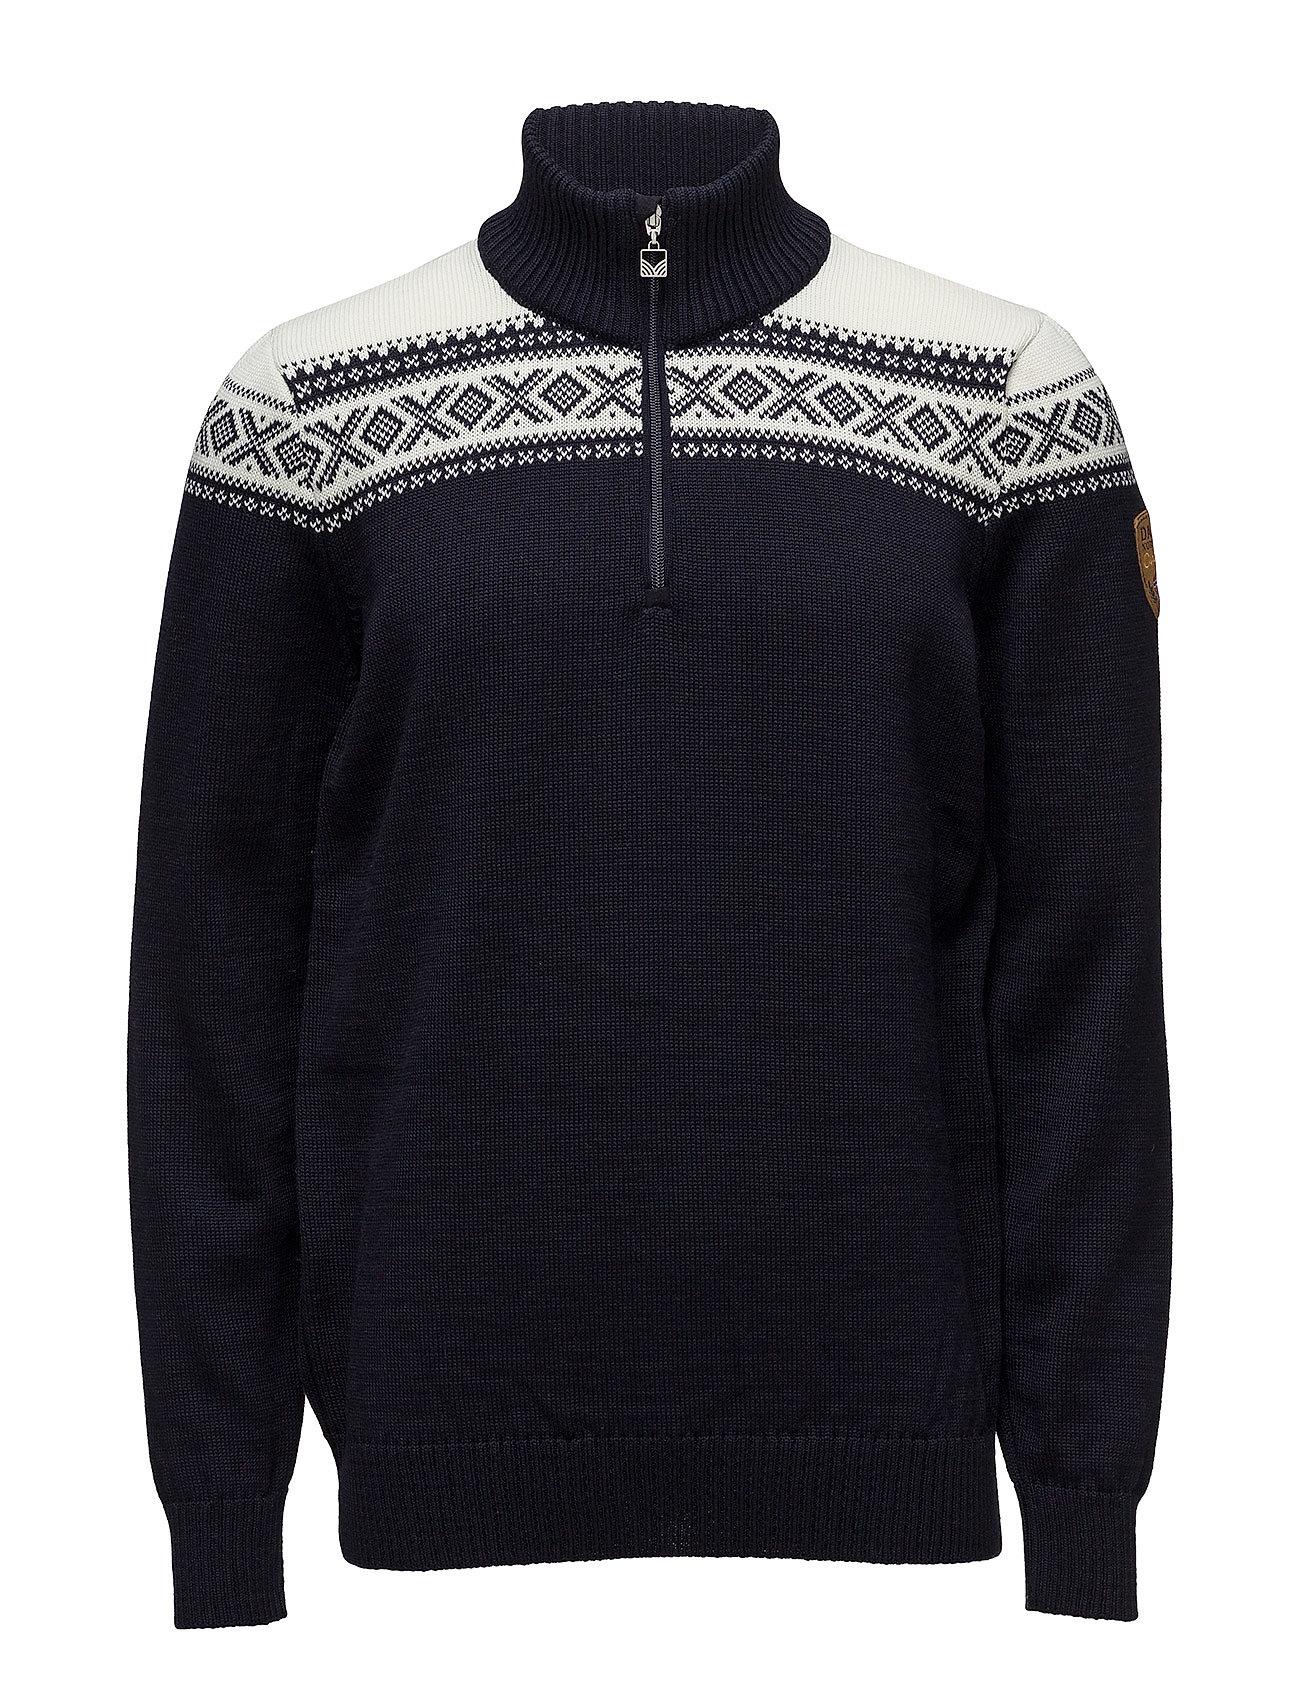 Dale of Norway Cortina Merino Masc Sweater - NAVY/OFF WHITE